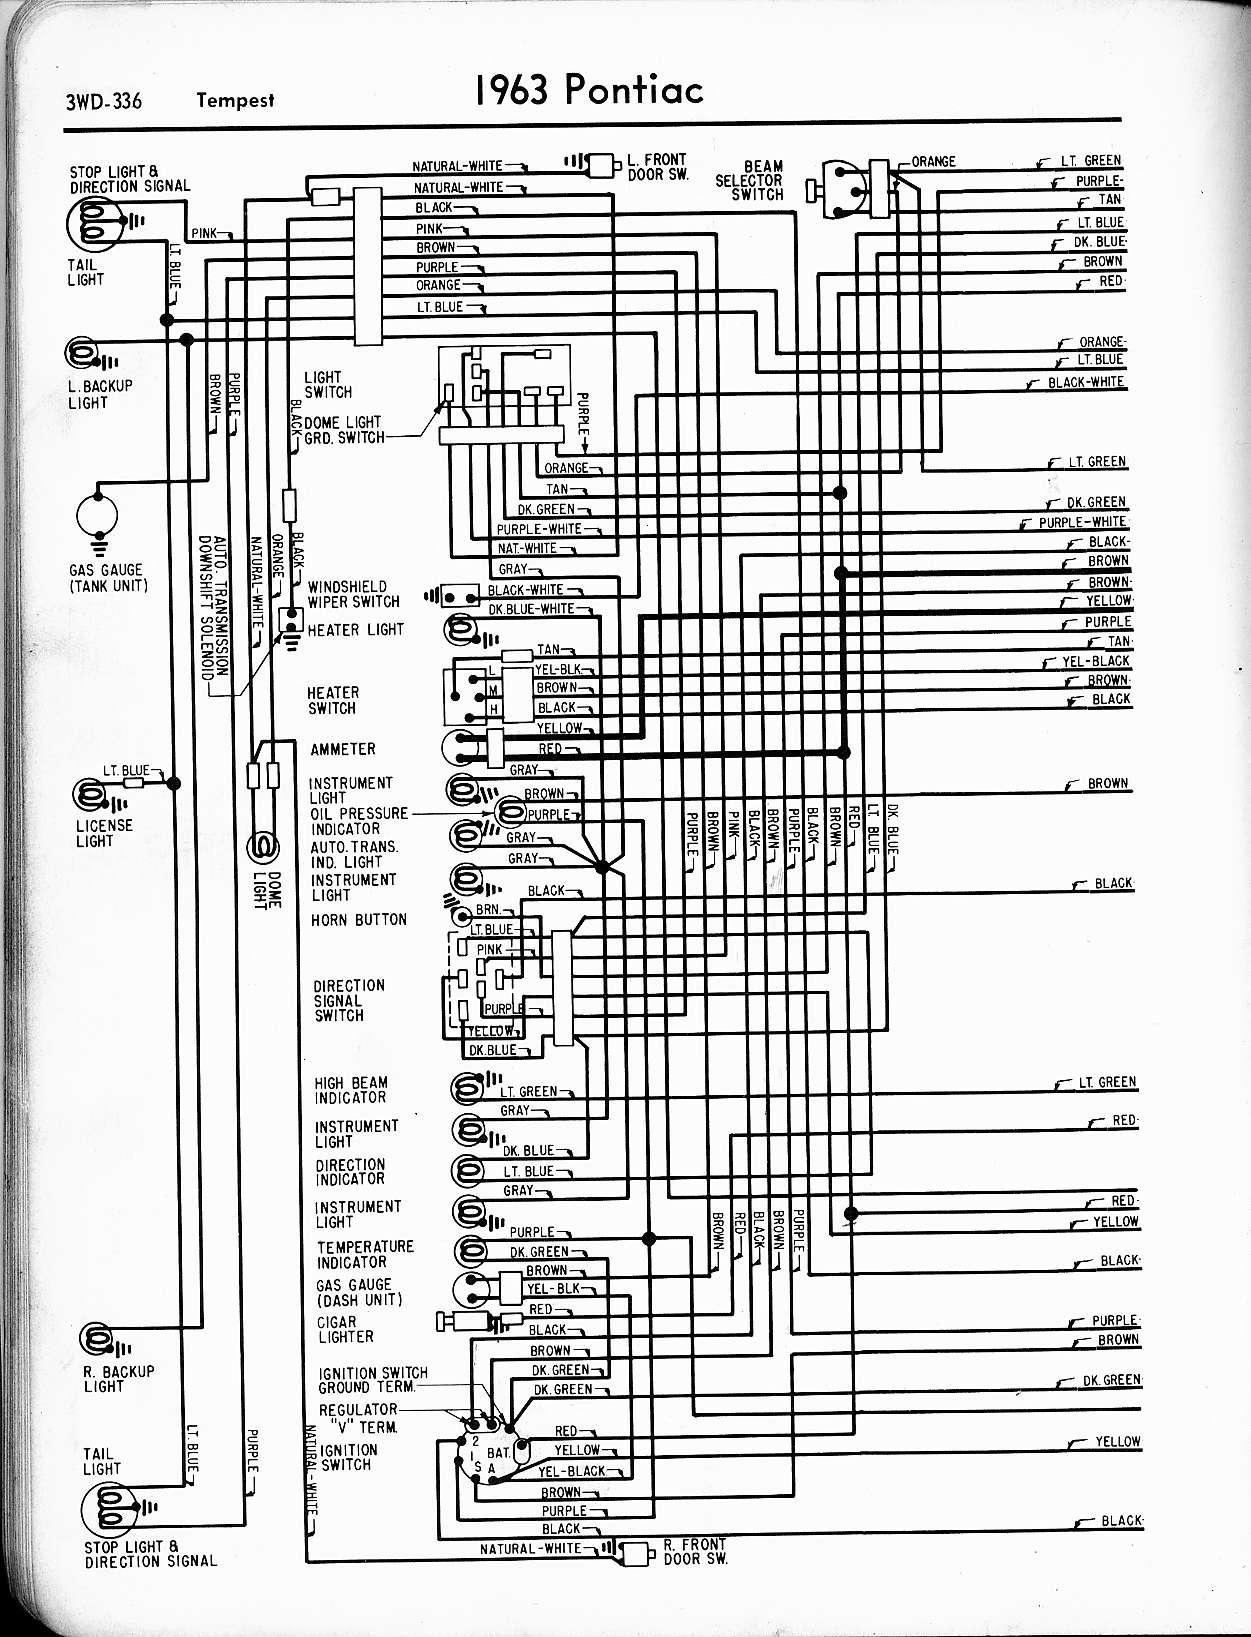 Brilliant 1973 Firebird Wiring Diagram Diagram Data Schema Wiring Digital Resources Jebrpcompassionincorg